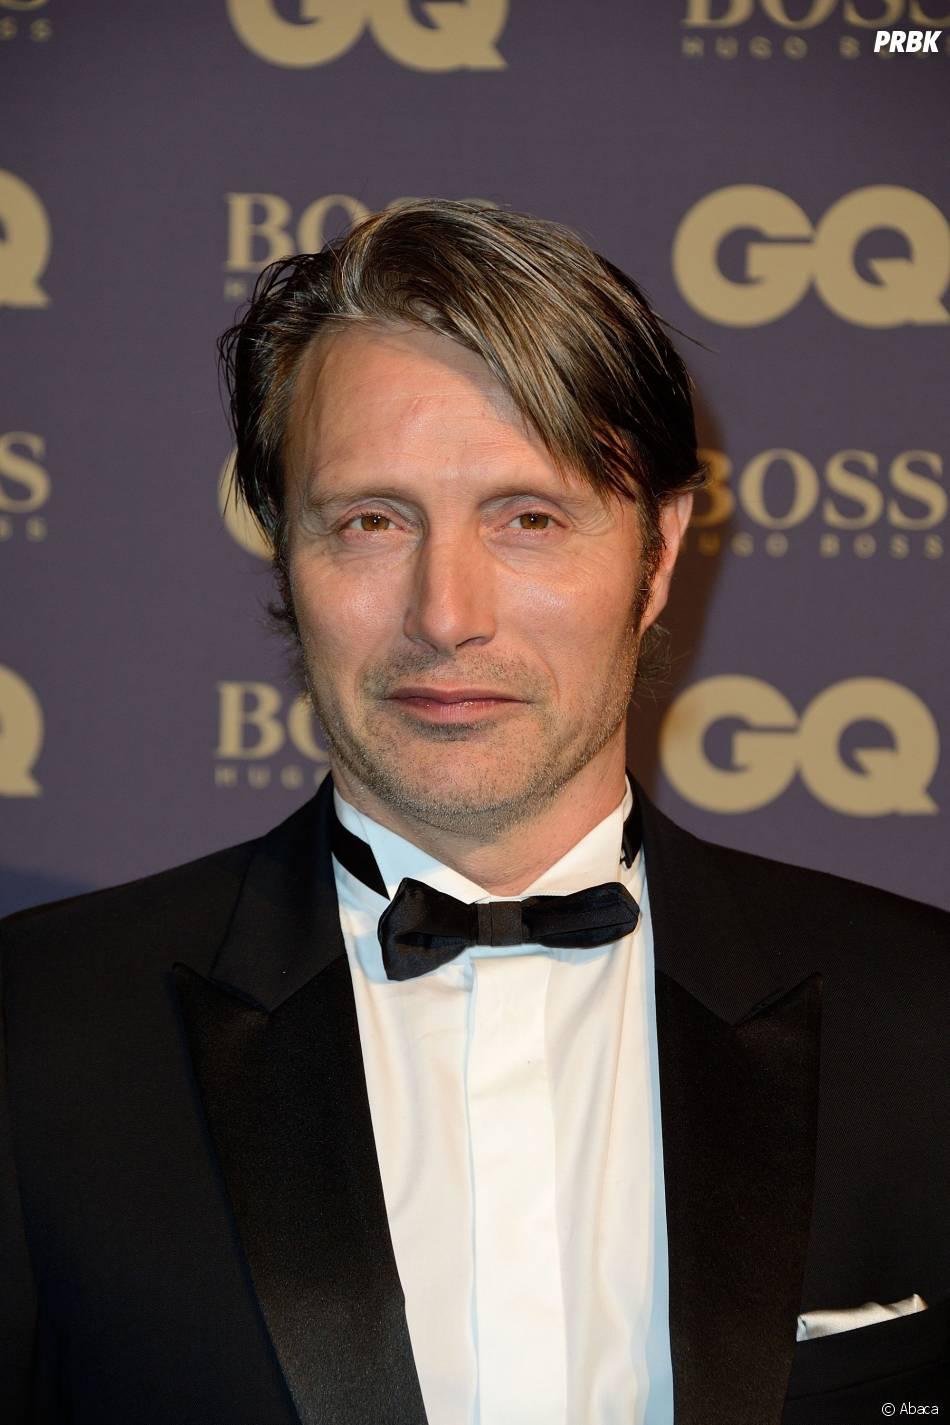 Mads Mikkelsen lors de la soirée GQ, au musée d'Orsay, le 19 novembre 2014